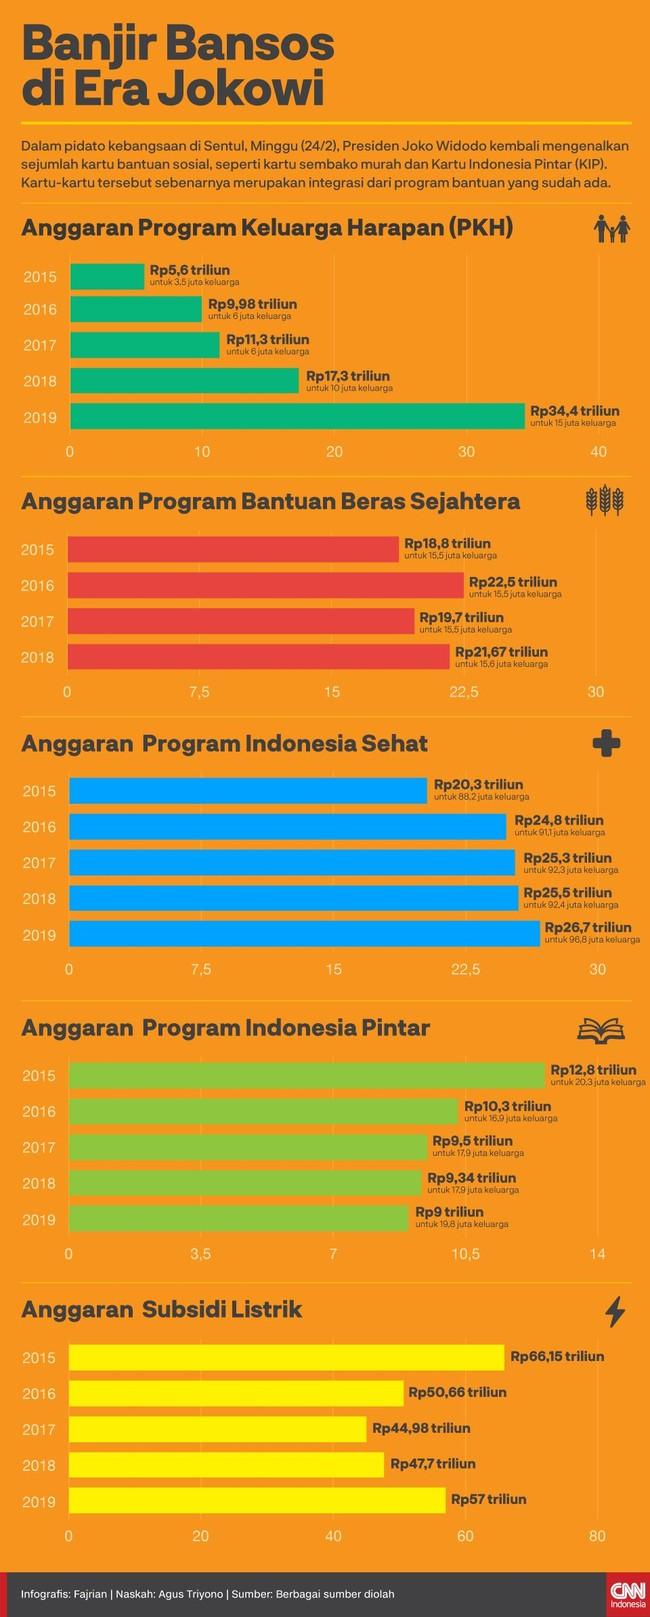 Kartu sembako murah dan KIP yang diobral Presiden Joko Widodo sebenarnya merupakan integrasi dari program bantuan sosial yang sudah ada.